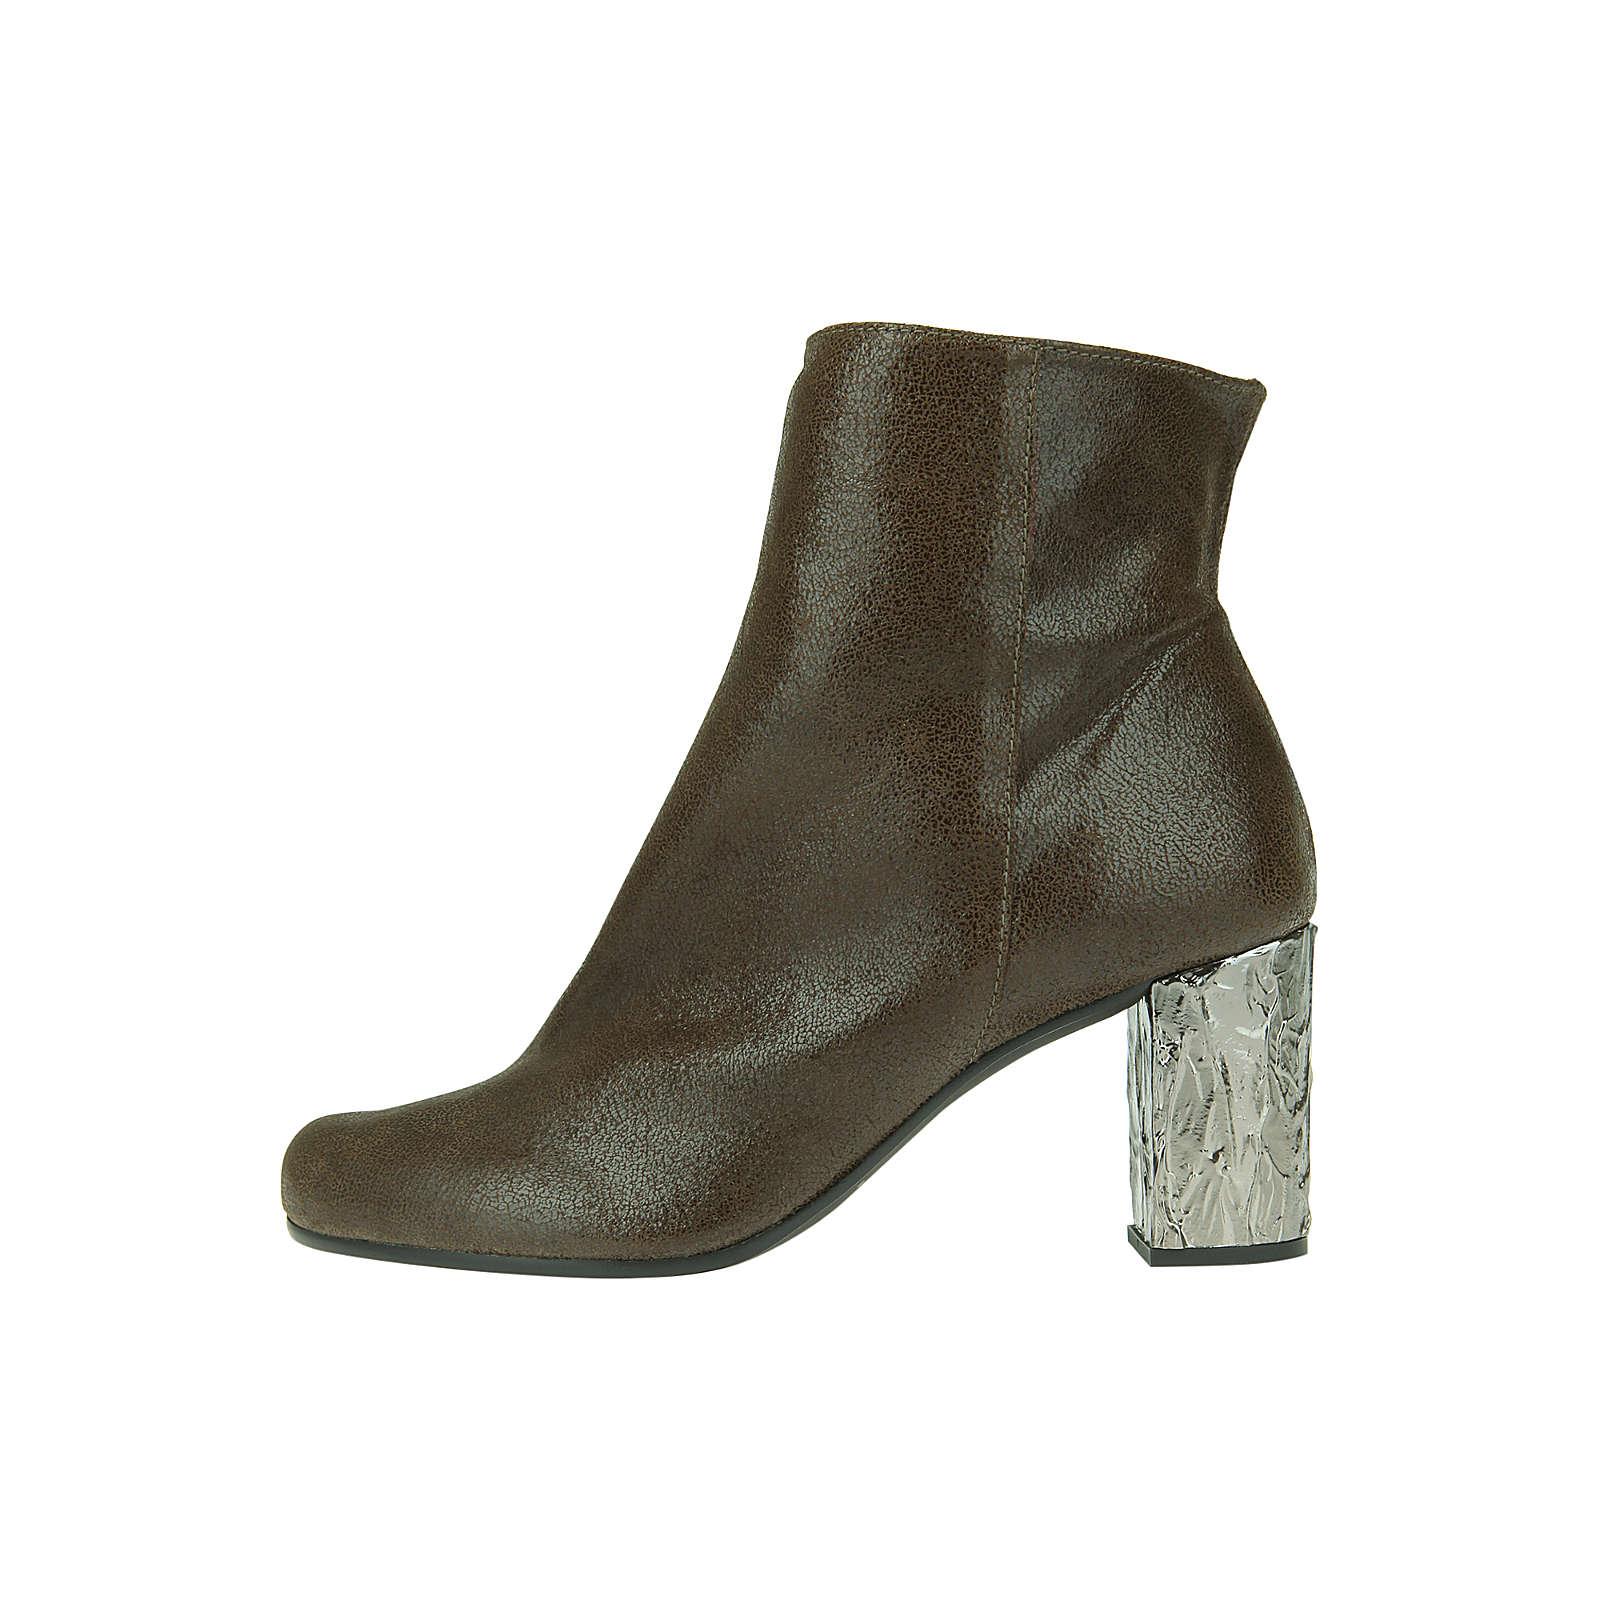 Paco Gil Stiefelette ADORE/JANINE aus Glattleder Klassische Stiefeletten khaki Damen Gr. 39